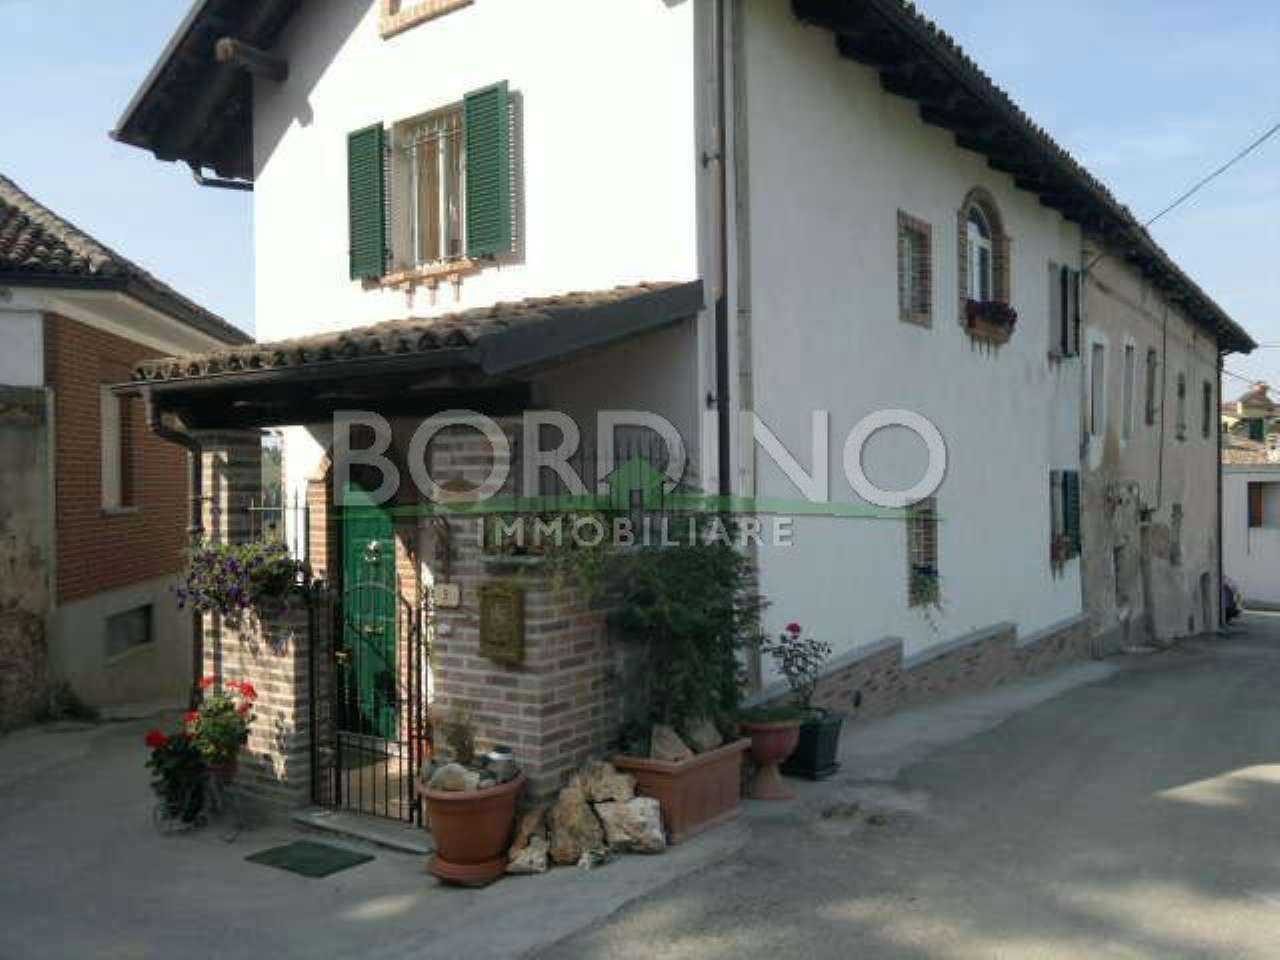 Soluzione Indipendente in vendita a Barbaresco, 4 locali, prezzo € 225.000 | CambioCasa.it